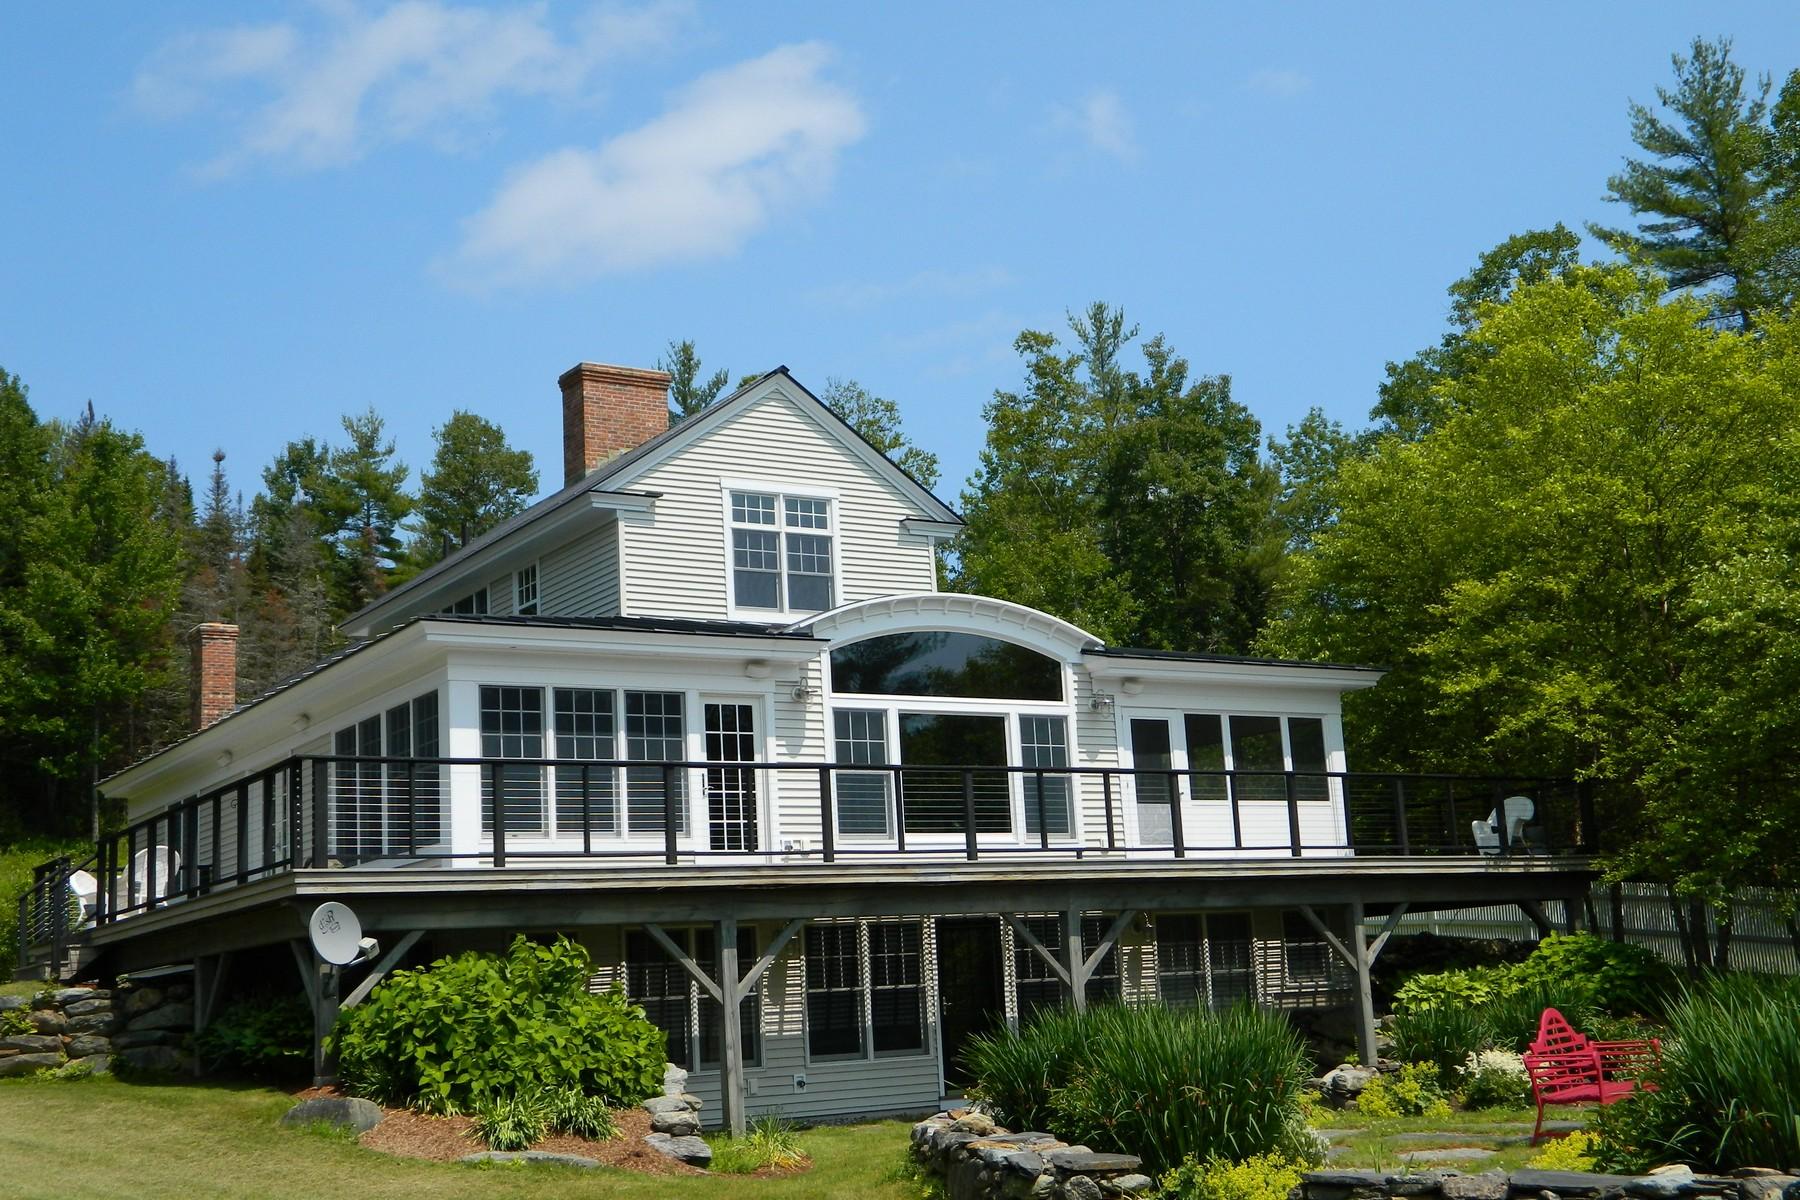 独户住宅 为 销售 在 Star Farm 241 Brook Rd Lyman, 新罕布什尔州 03585 美国